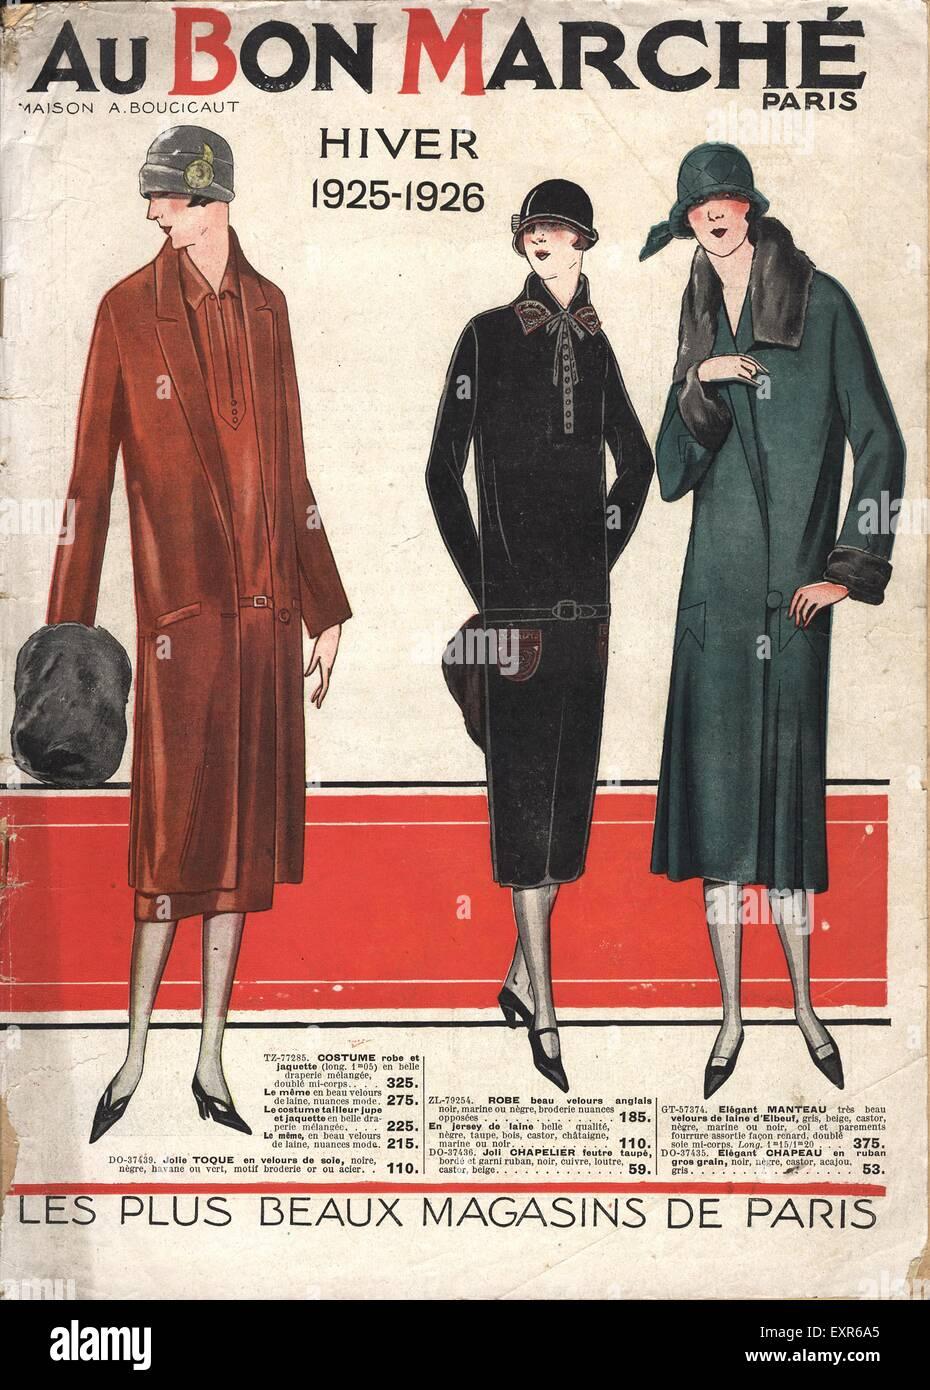 1920s France Au Bon Marche Catalogue/ Brochure Plate - Stock Image